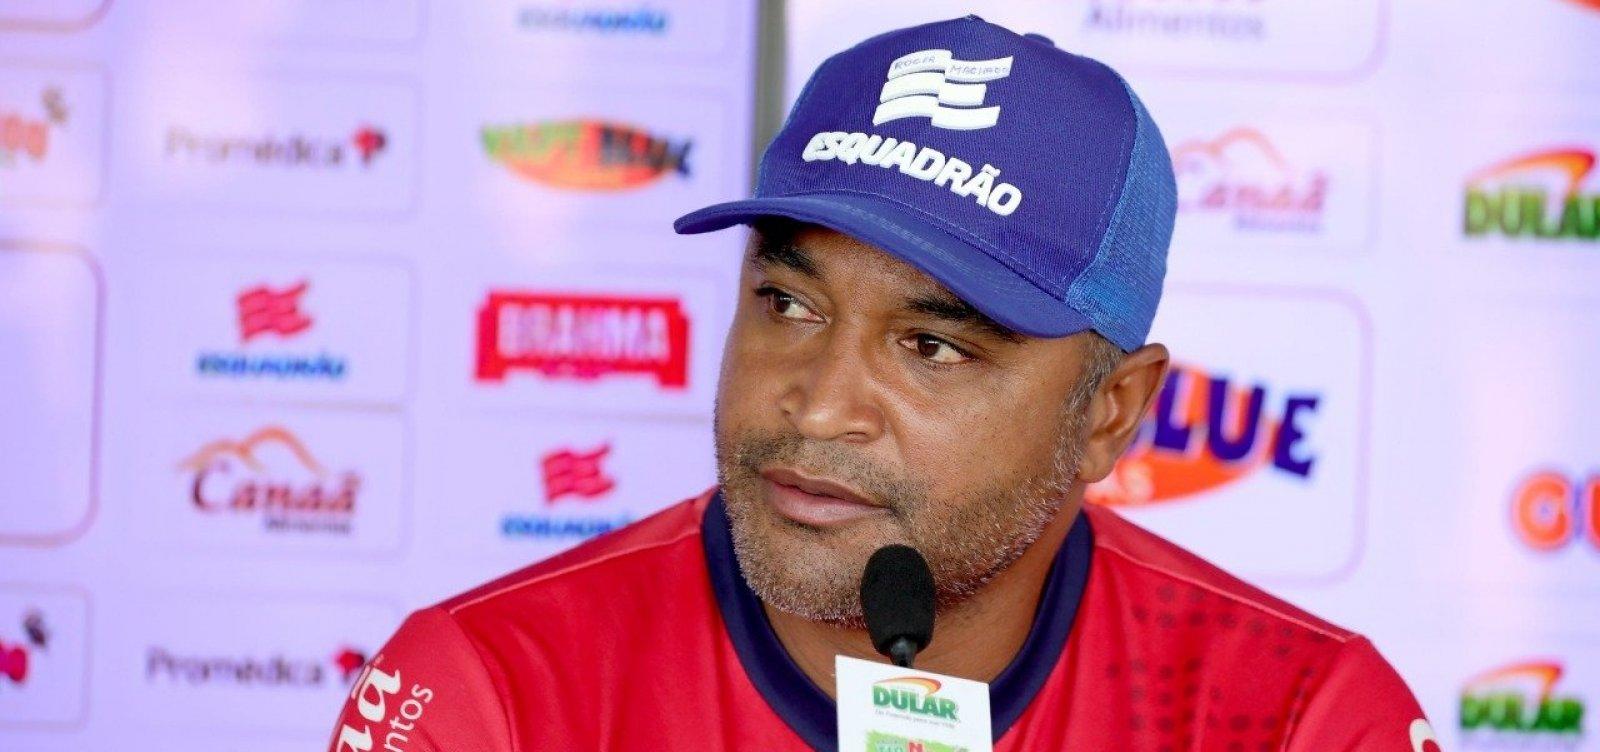 [Roger Machado rejeita proposta do Inter e segue no comando do Bahia]